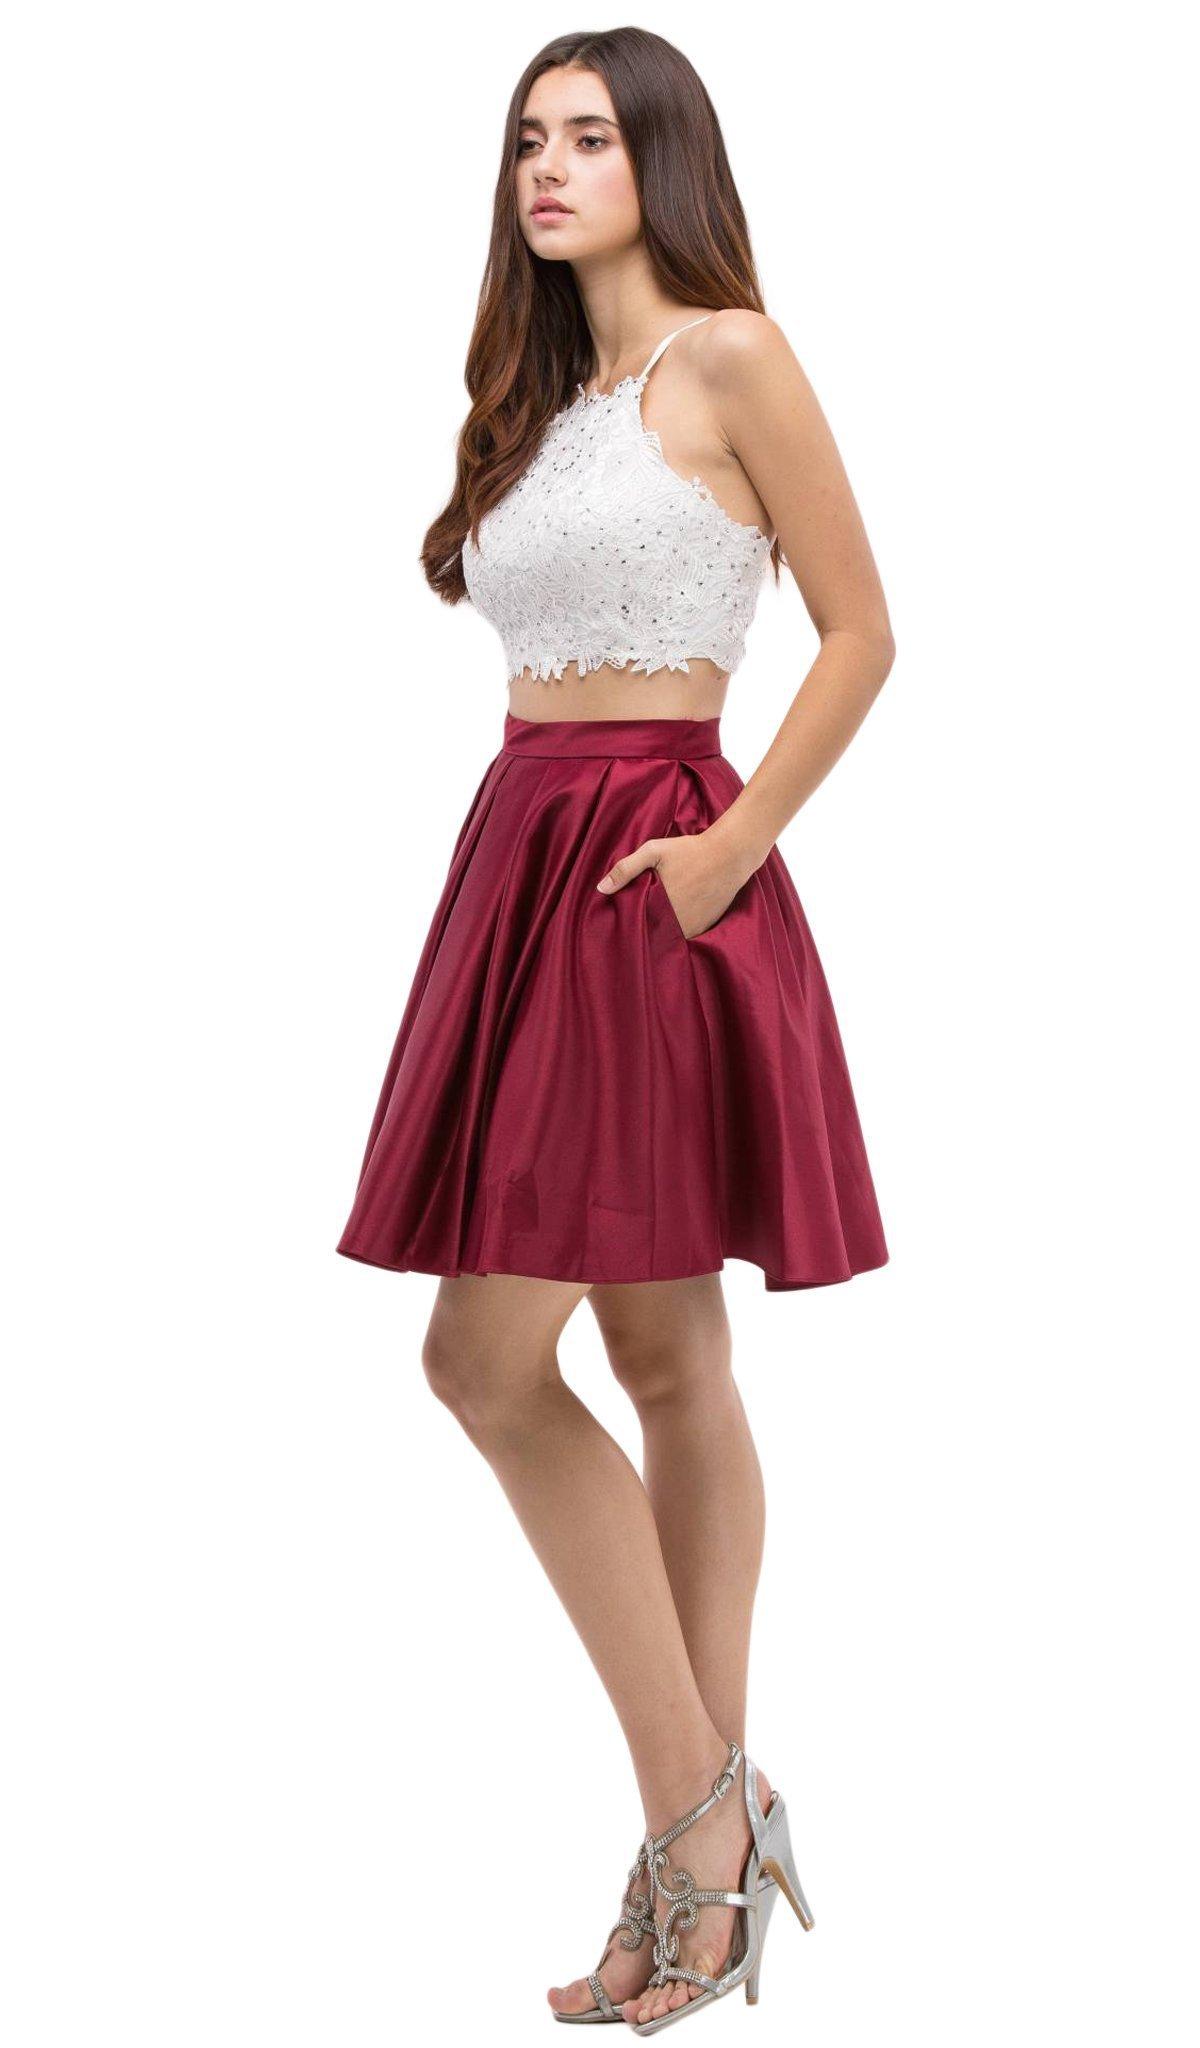 Eureka Fashion - 4300 Two Piece Lace Satin A-line Dress